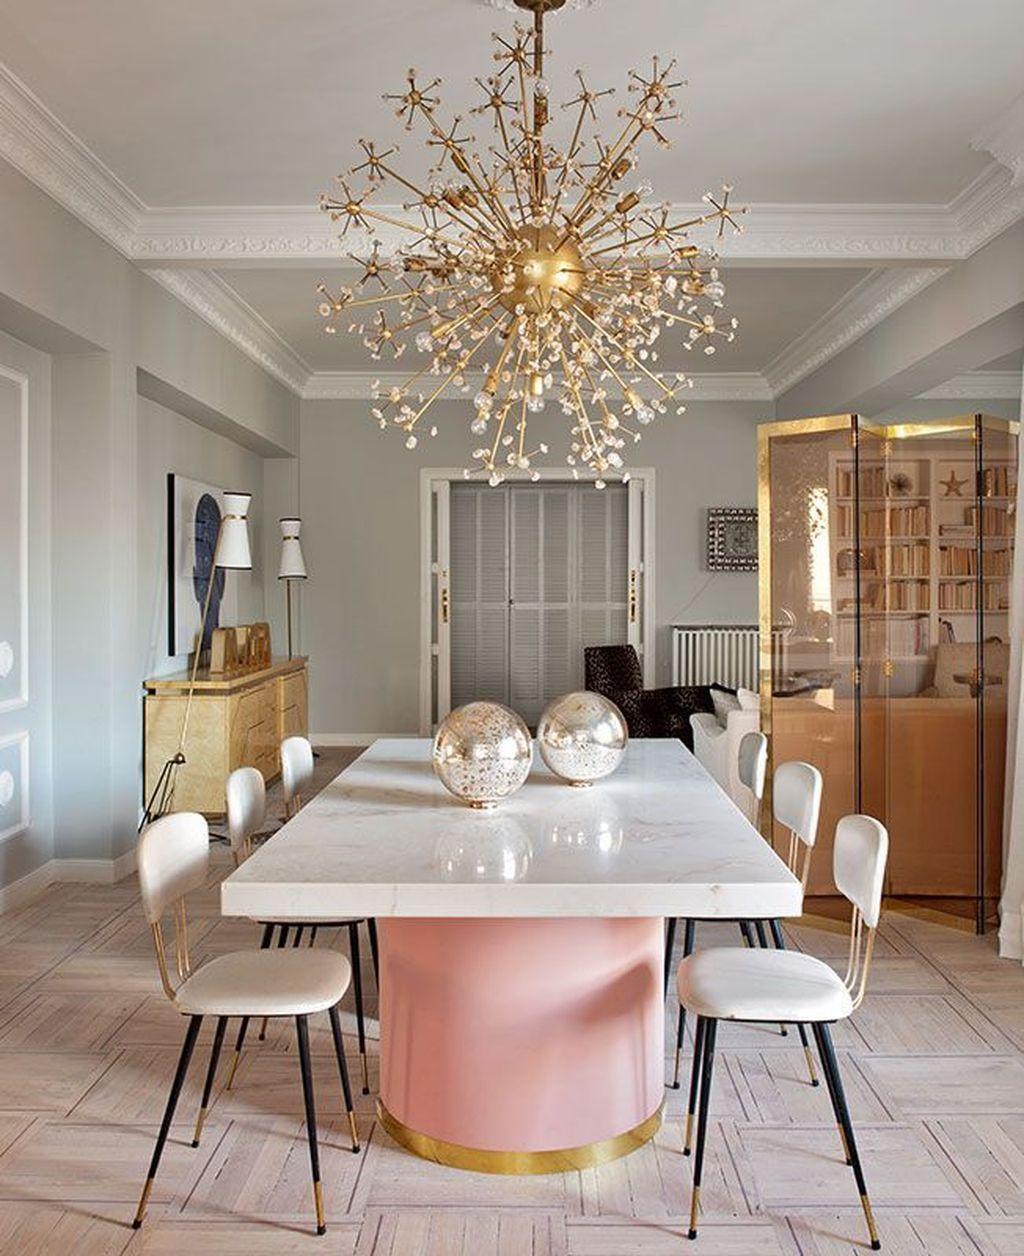 salle a manger elegante feminine rose blanc luminaire or